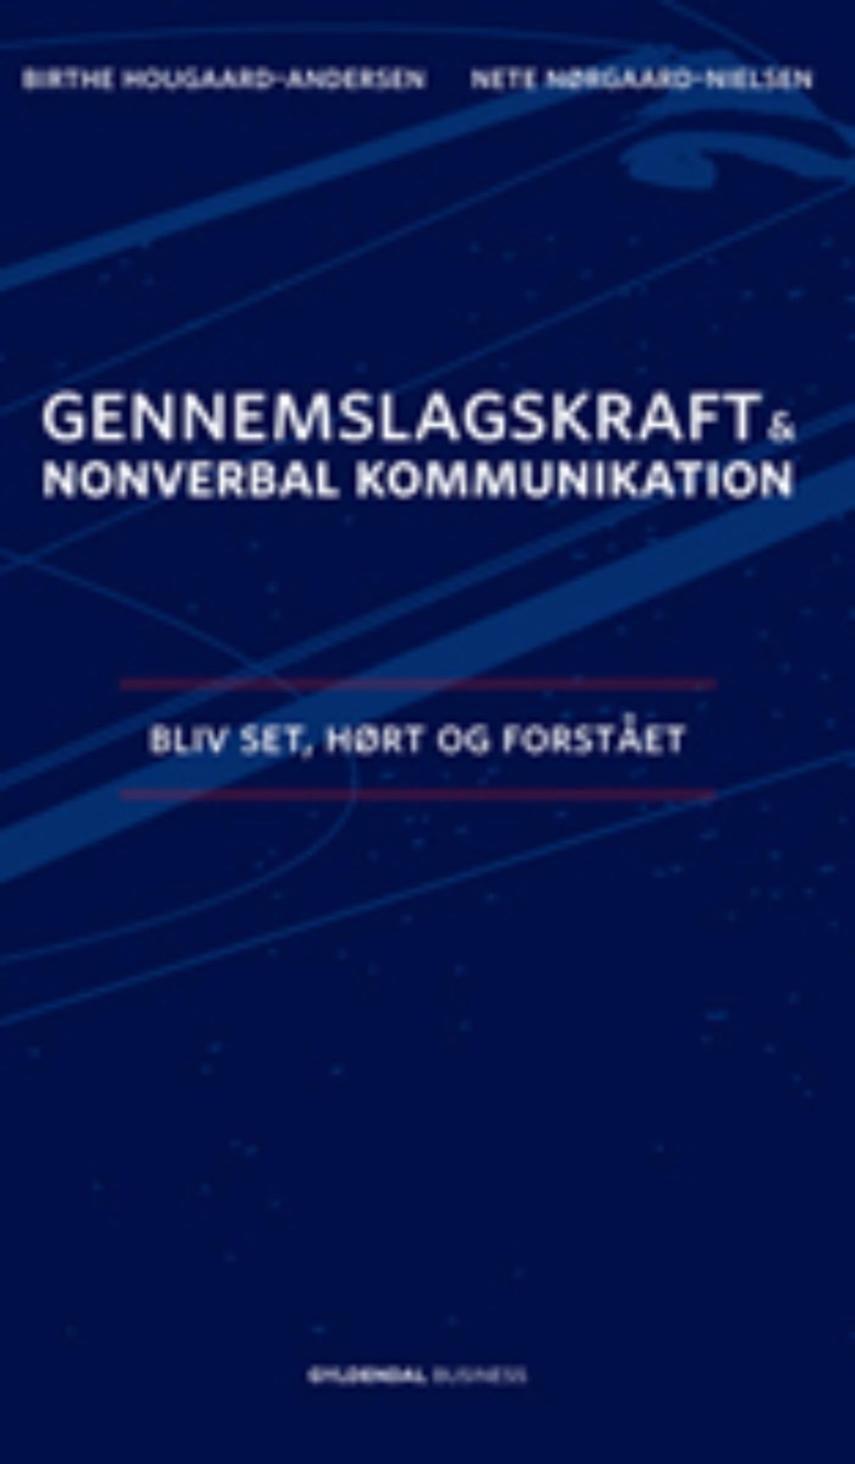 Birthe Hougaard-Andersen, Nete Nørgaard-Nielsen: Gennemslagskraft & nonverbal kommunikation : bliv set, hørt og forstået